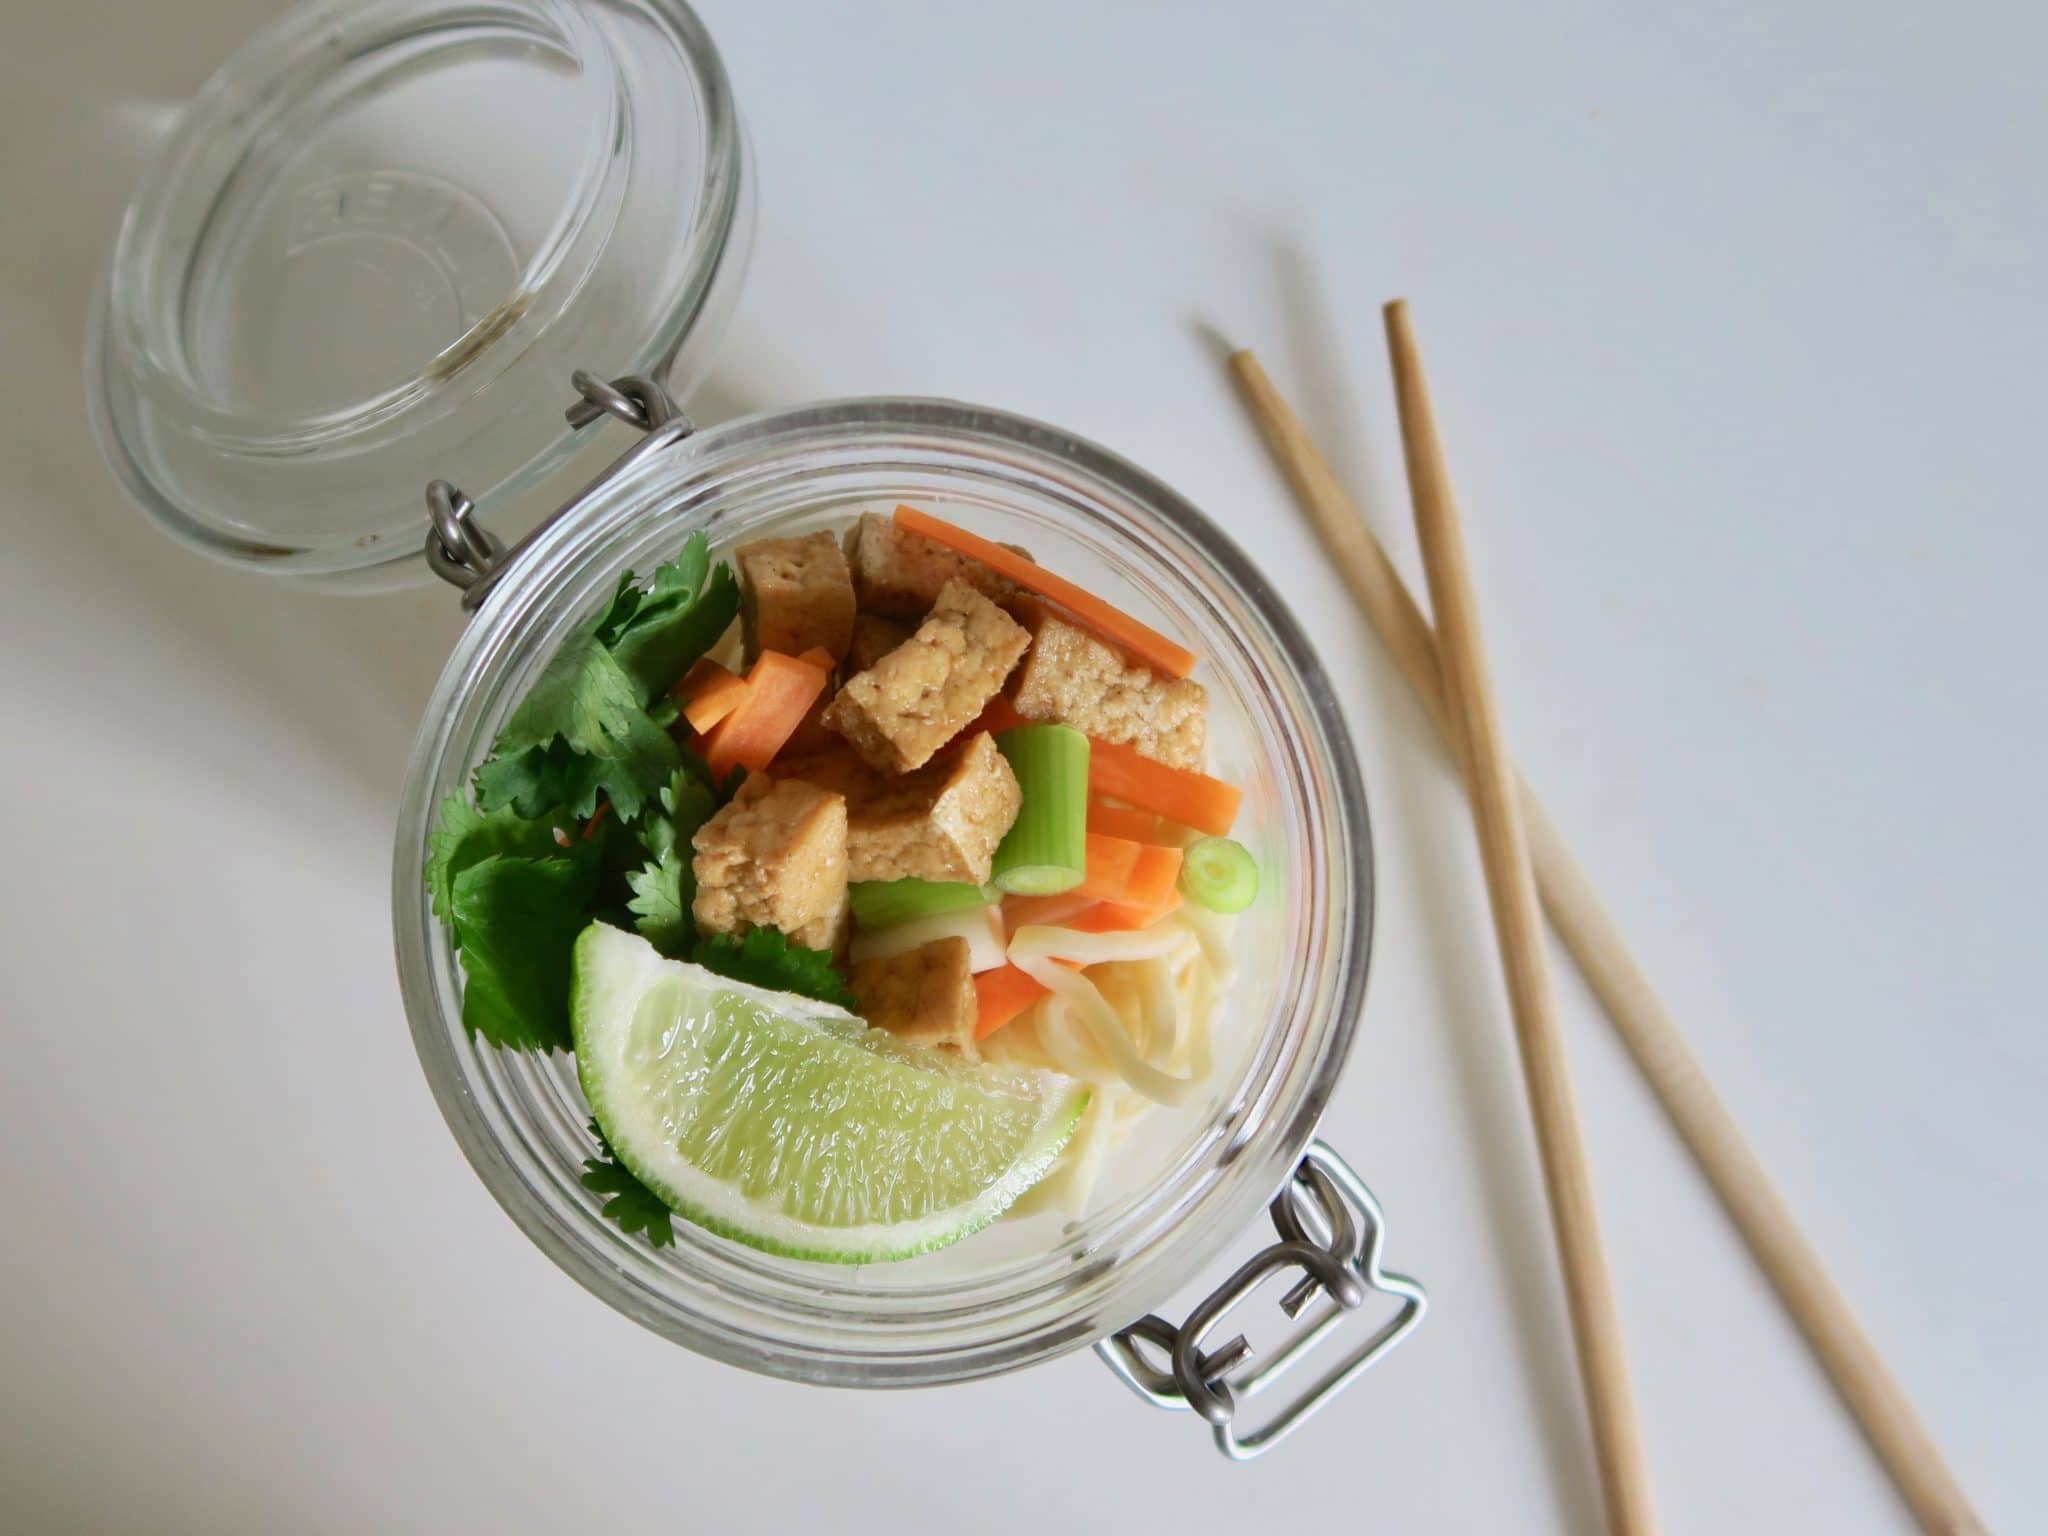 How to Make Teriyaki Tofu and Noodles